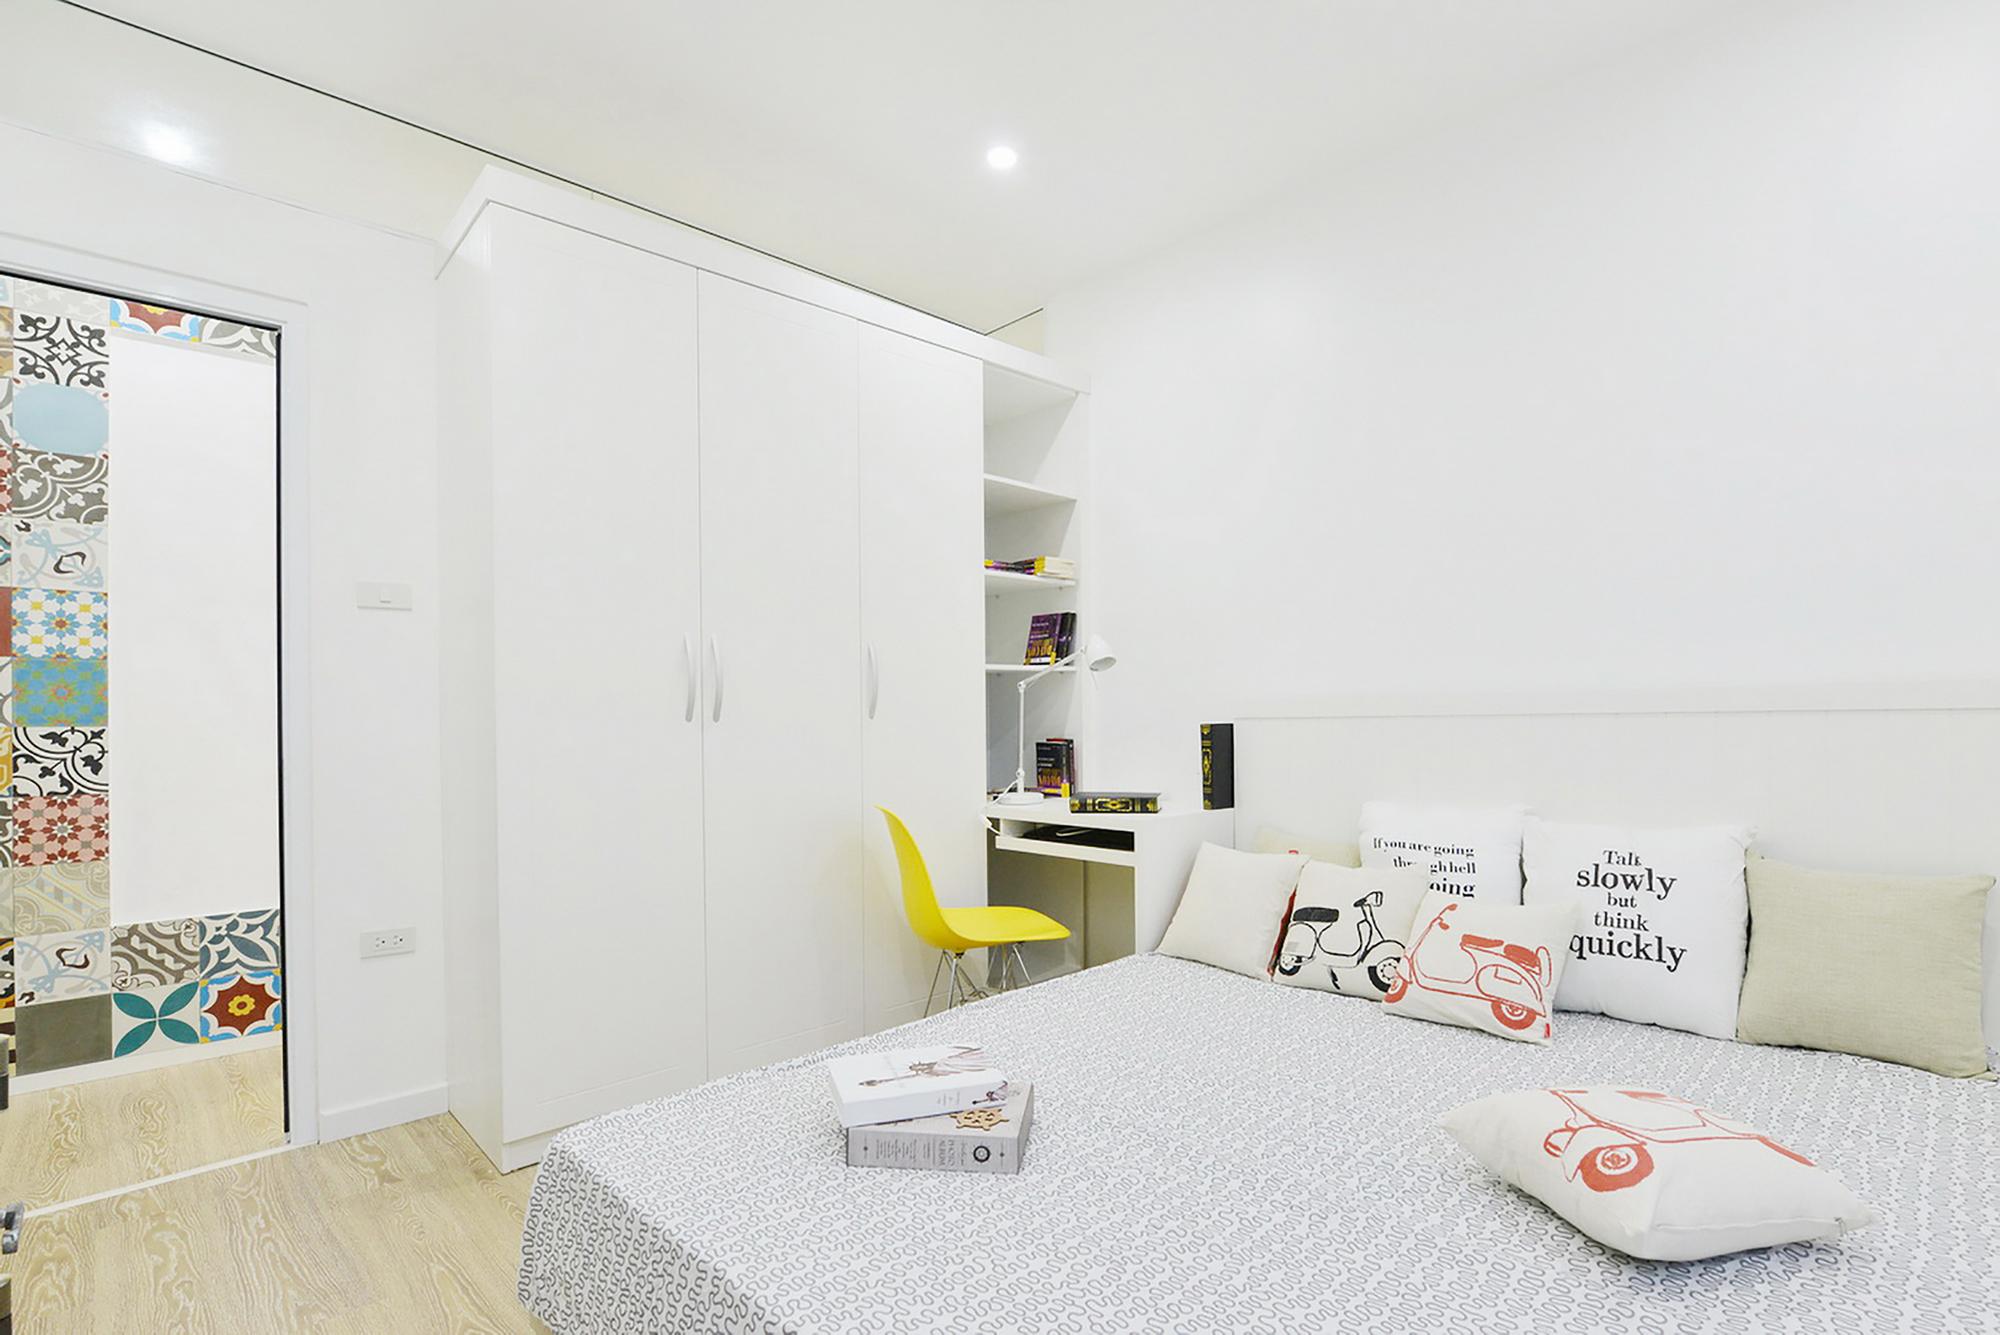 moderen-apartament-s-tsveten-i-udoben-interior-8g